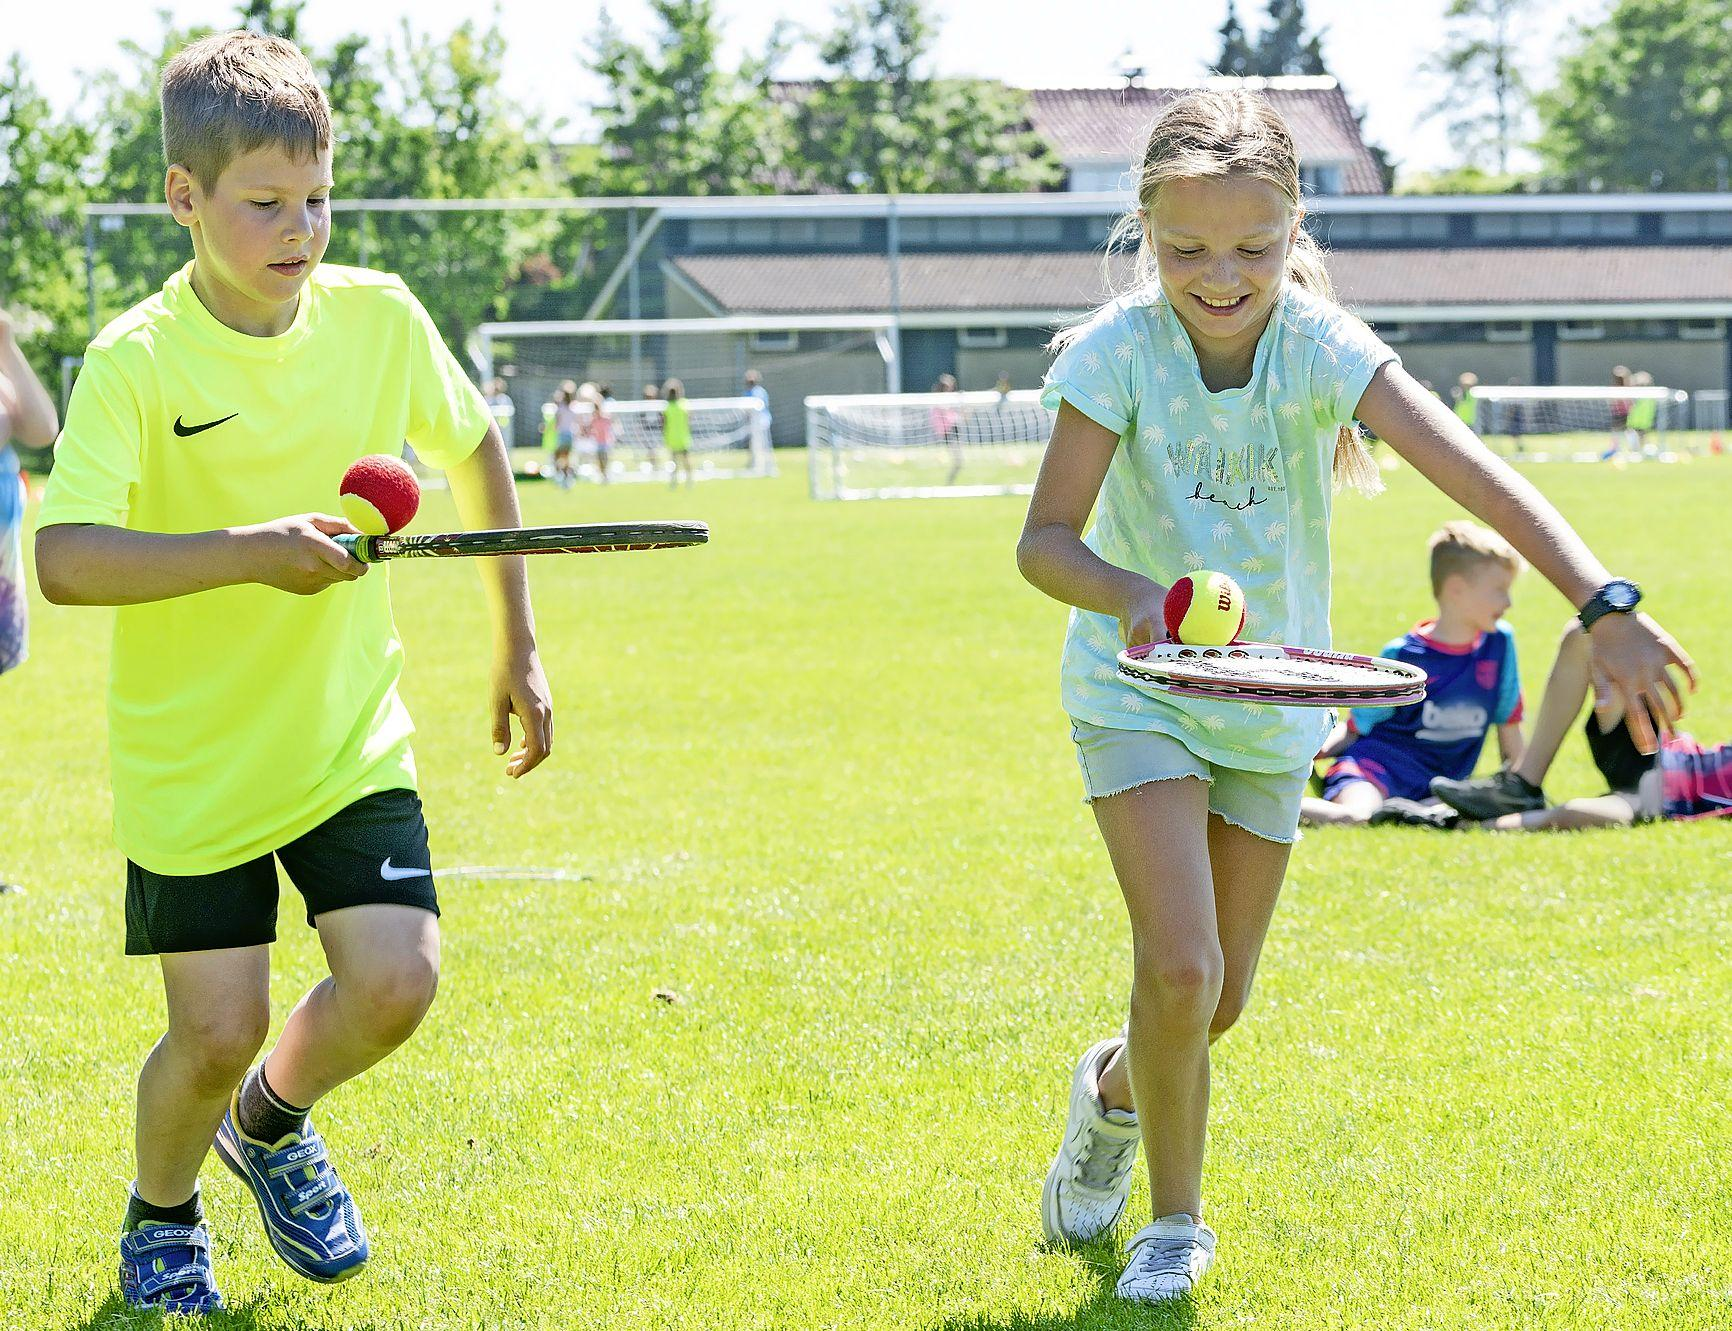 Hollen, spelen en zweten in de zon bij de buitenspeeldag in Sint Pancras